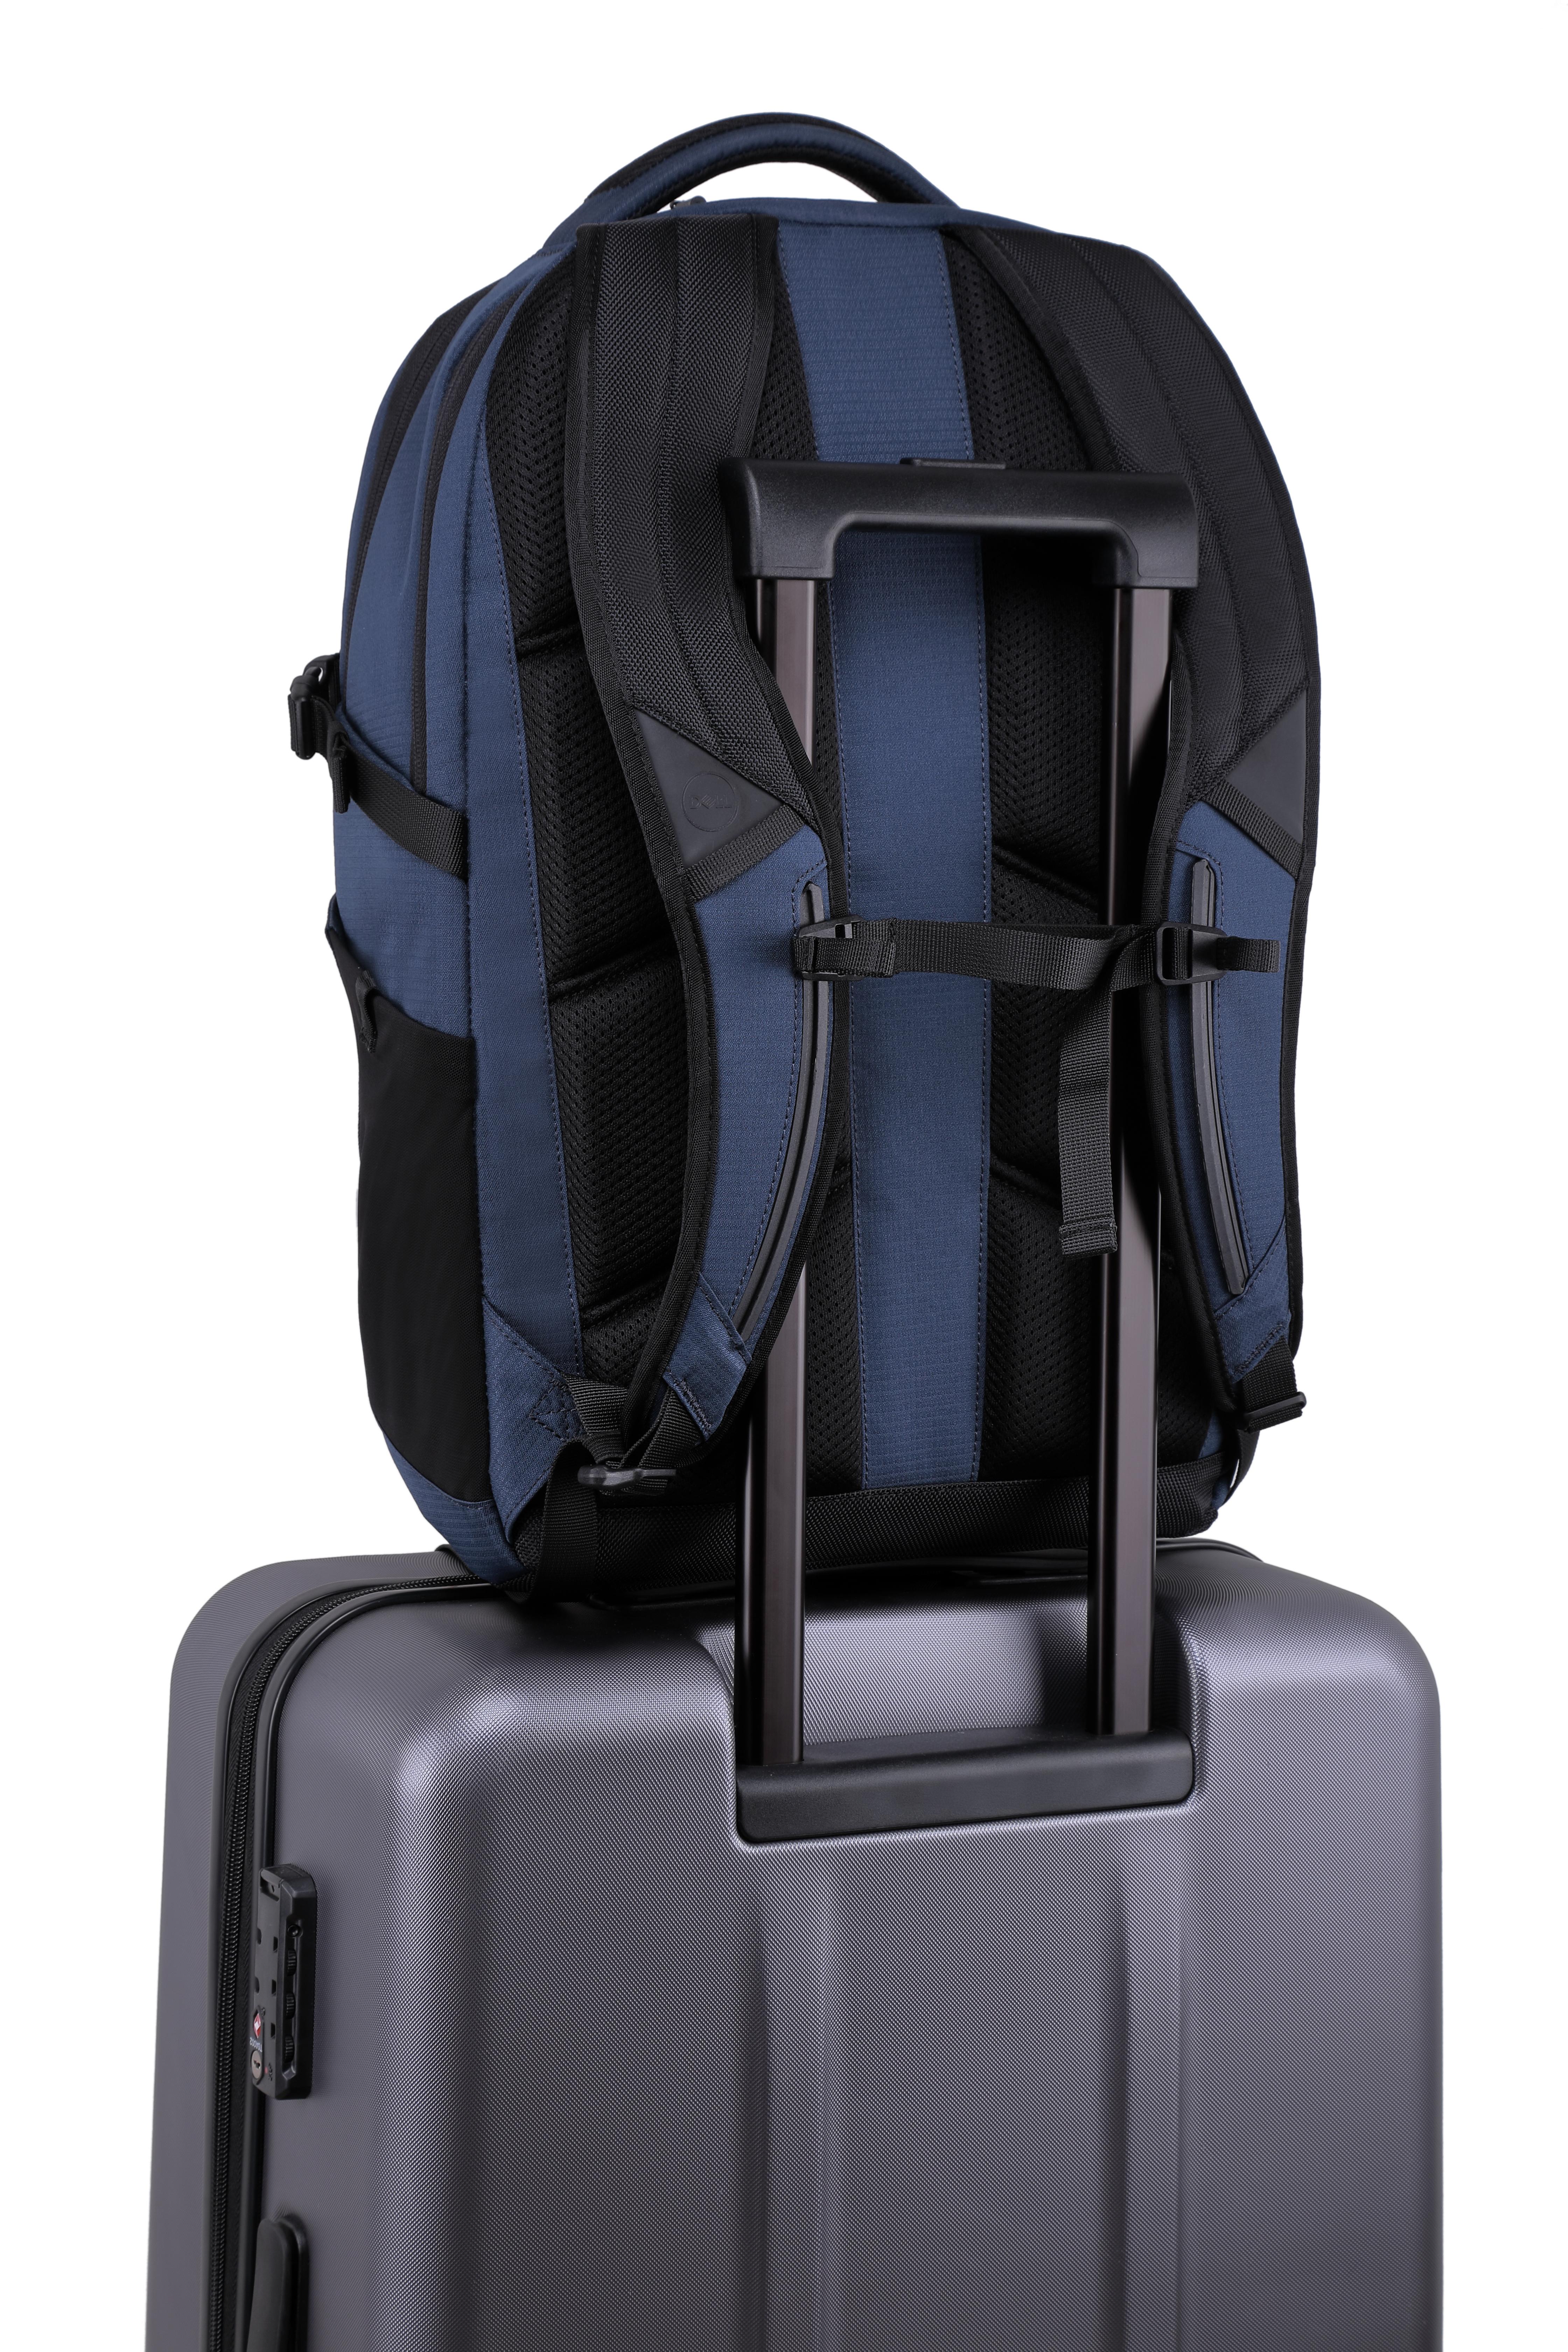 ed8cdc8e97 Dell EG-BP-BK-5-18 Energy Backpack 15 notebook case 38.1 cm (15 ...